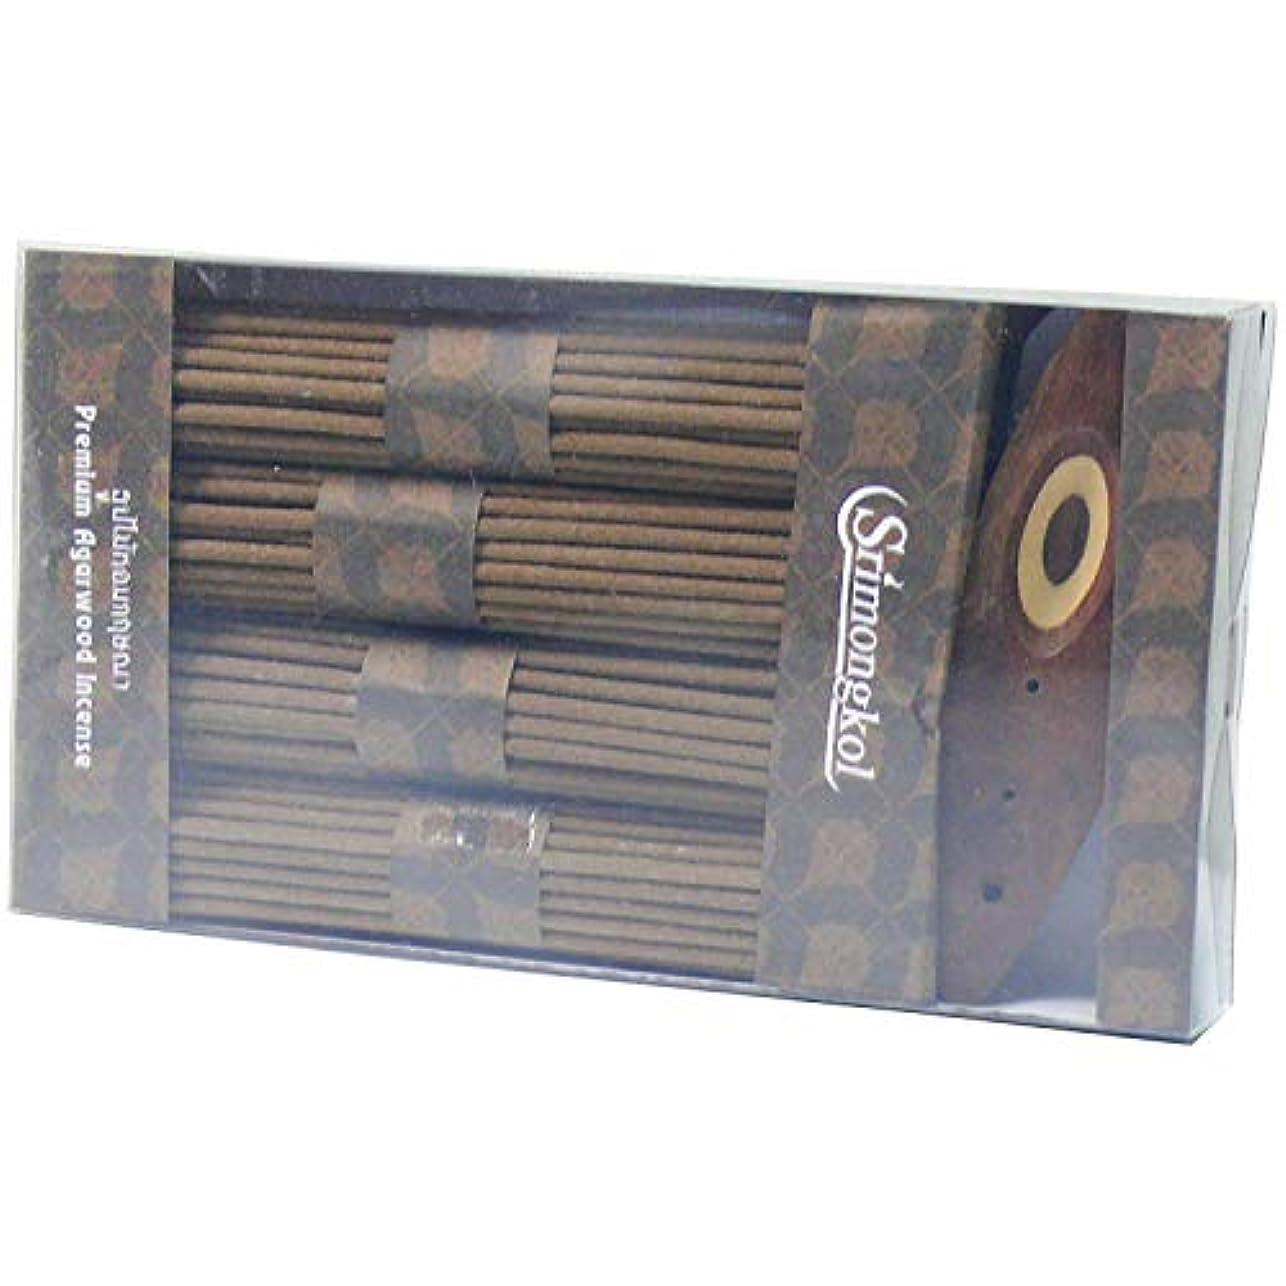 本能報奨金一流Premuim Agarwood Natural Incense Cones 200 Grams (No Chemical) :プレミアムアガーウッドナチュラル香コーン200グラム(化学薬品なし)